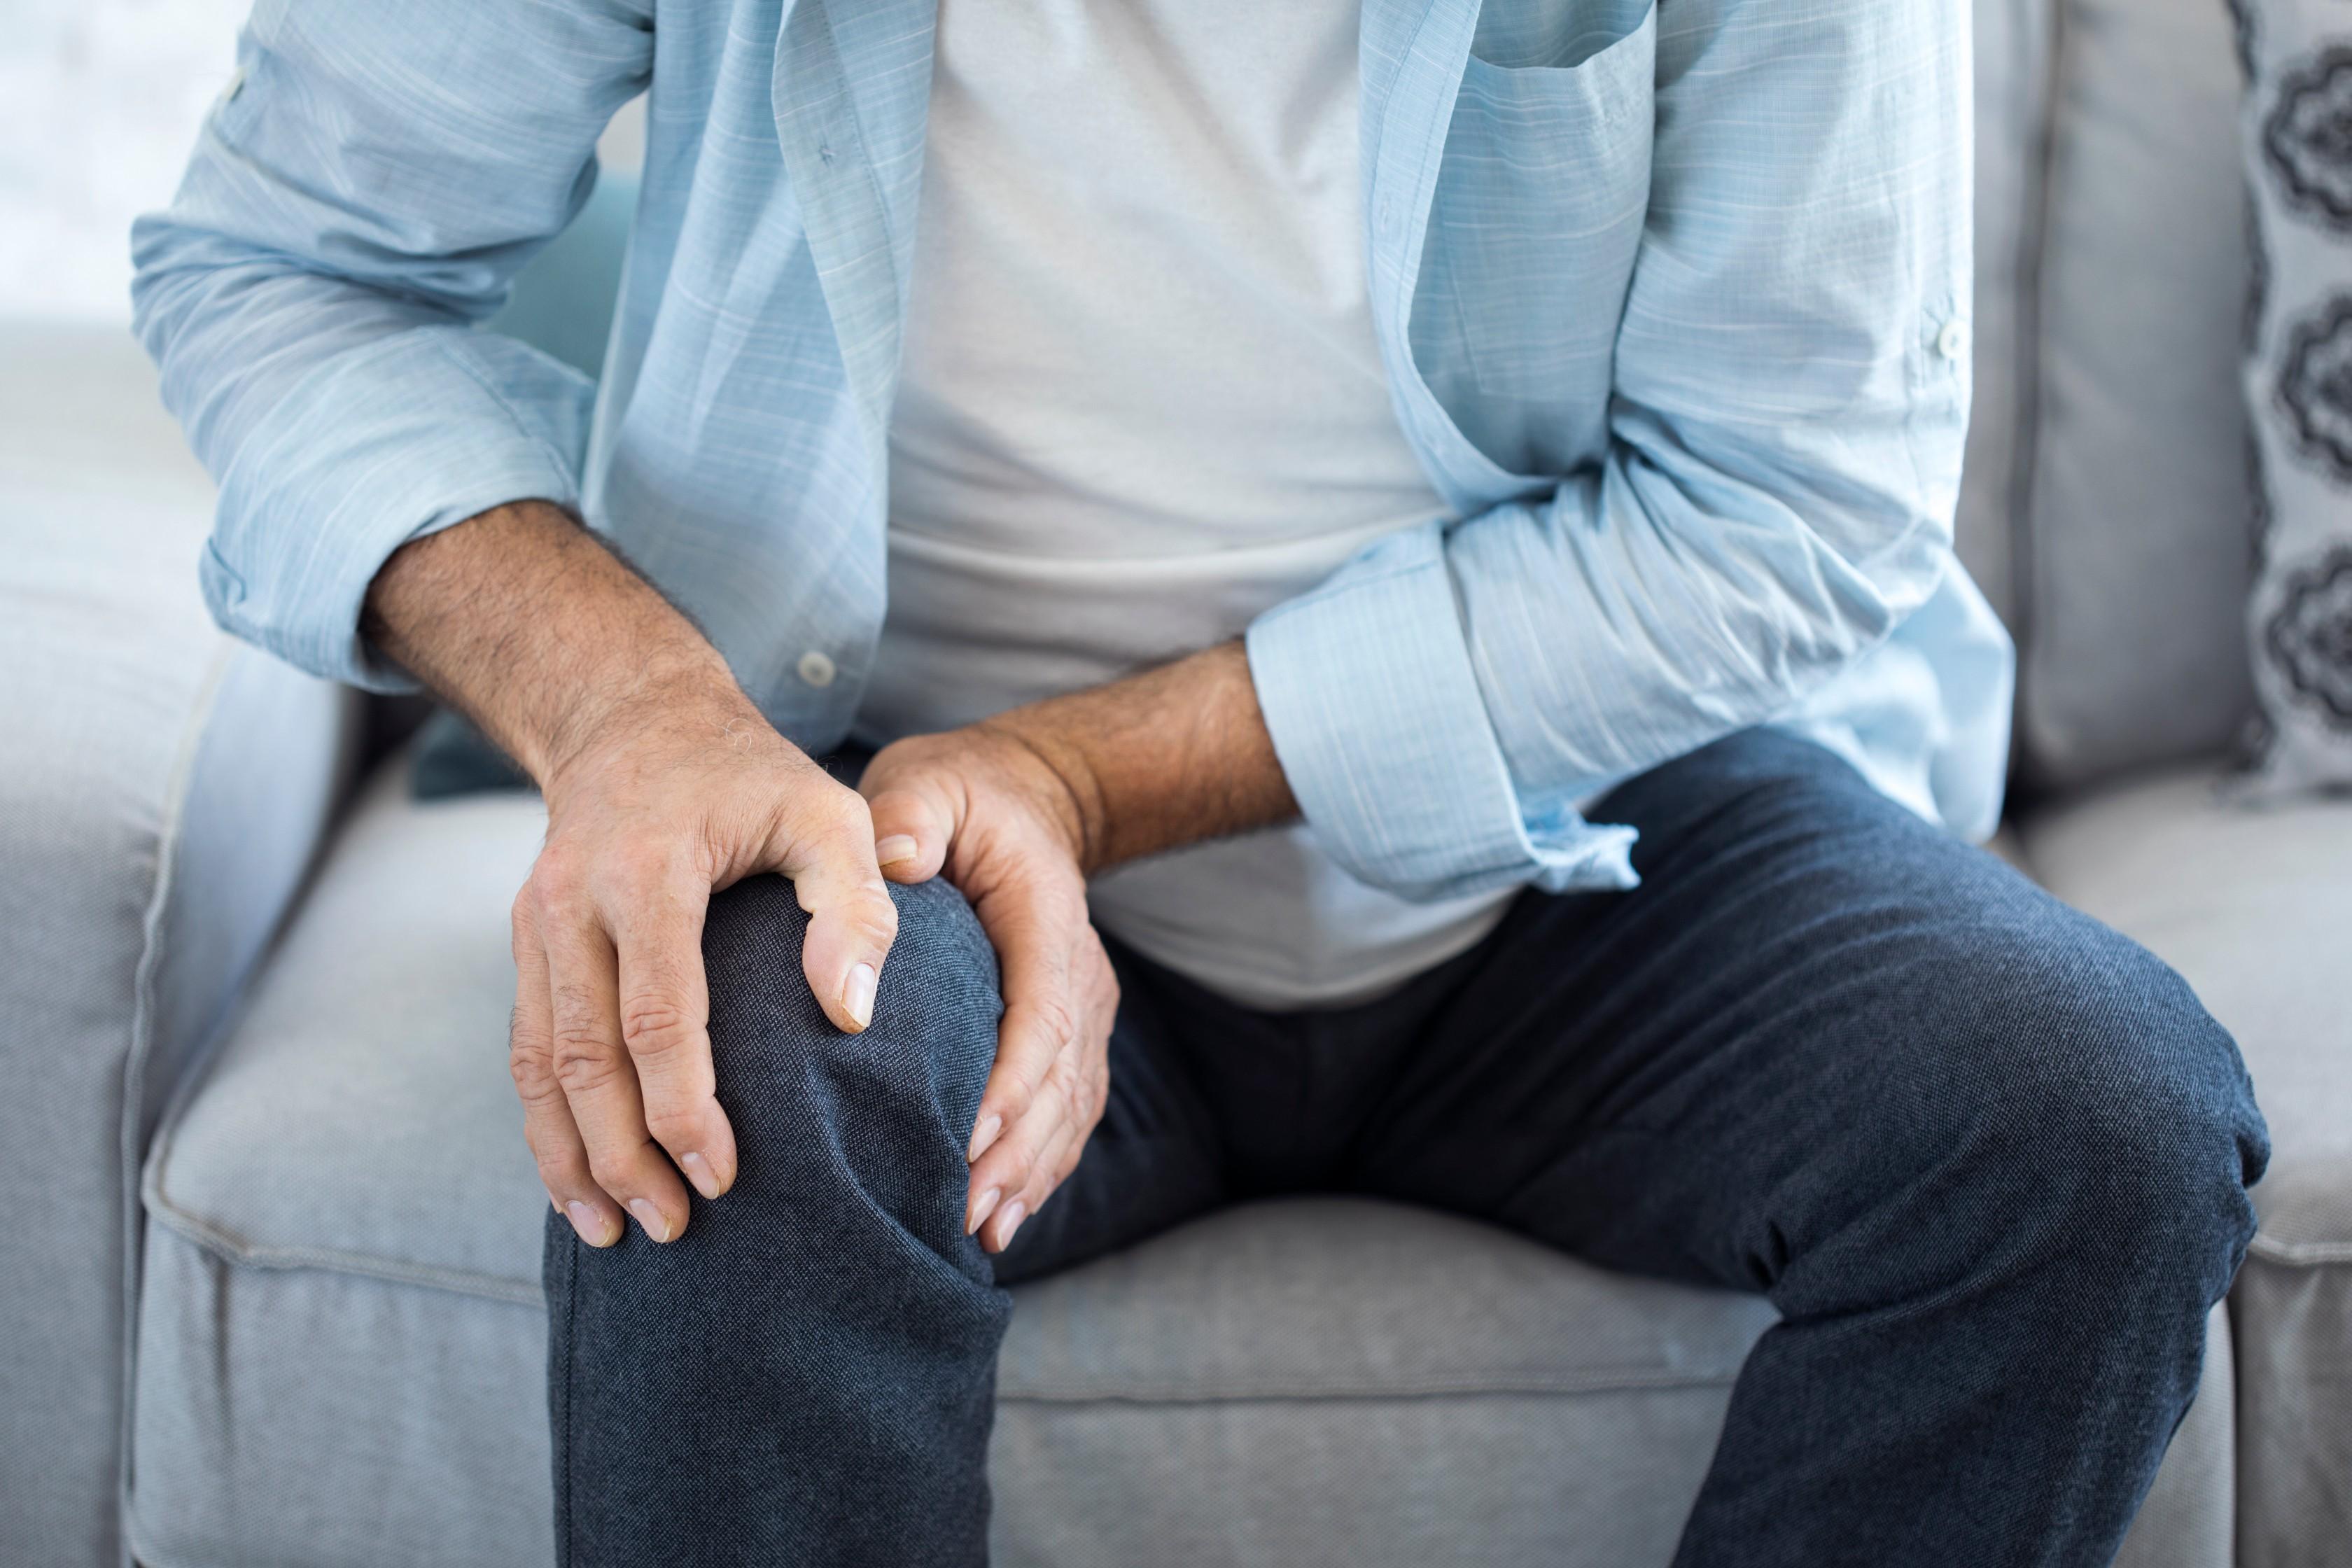 súlyos fájdalom ízületi sérülés során